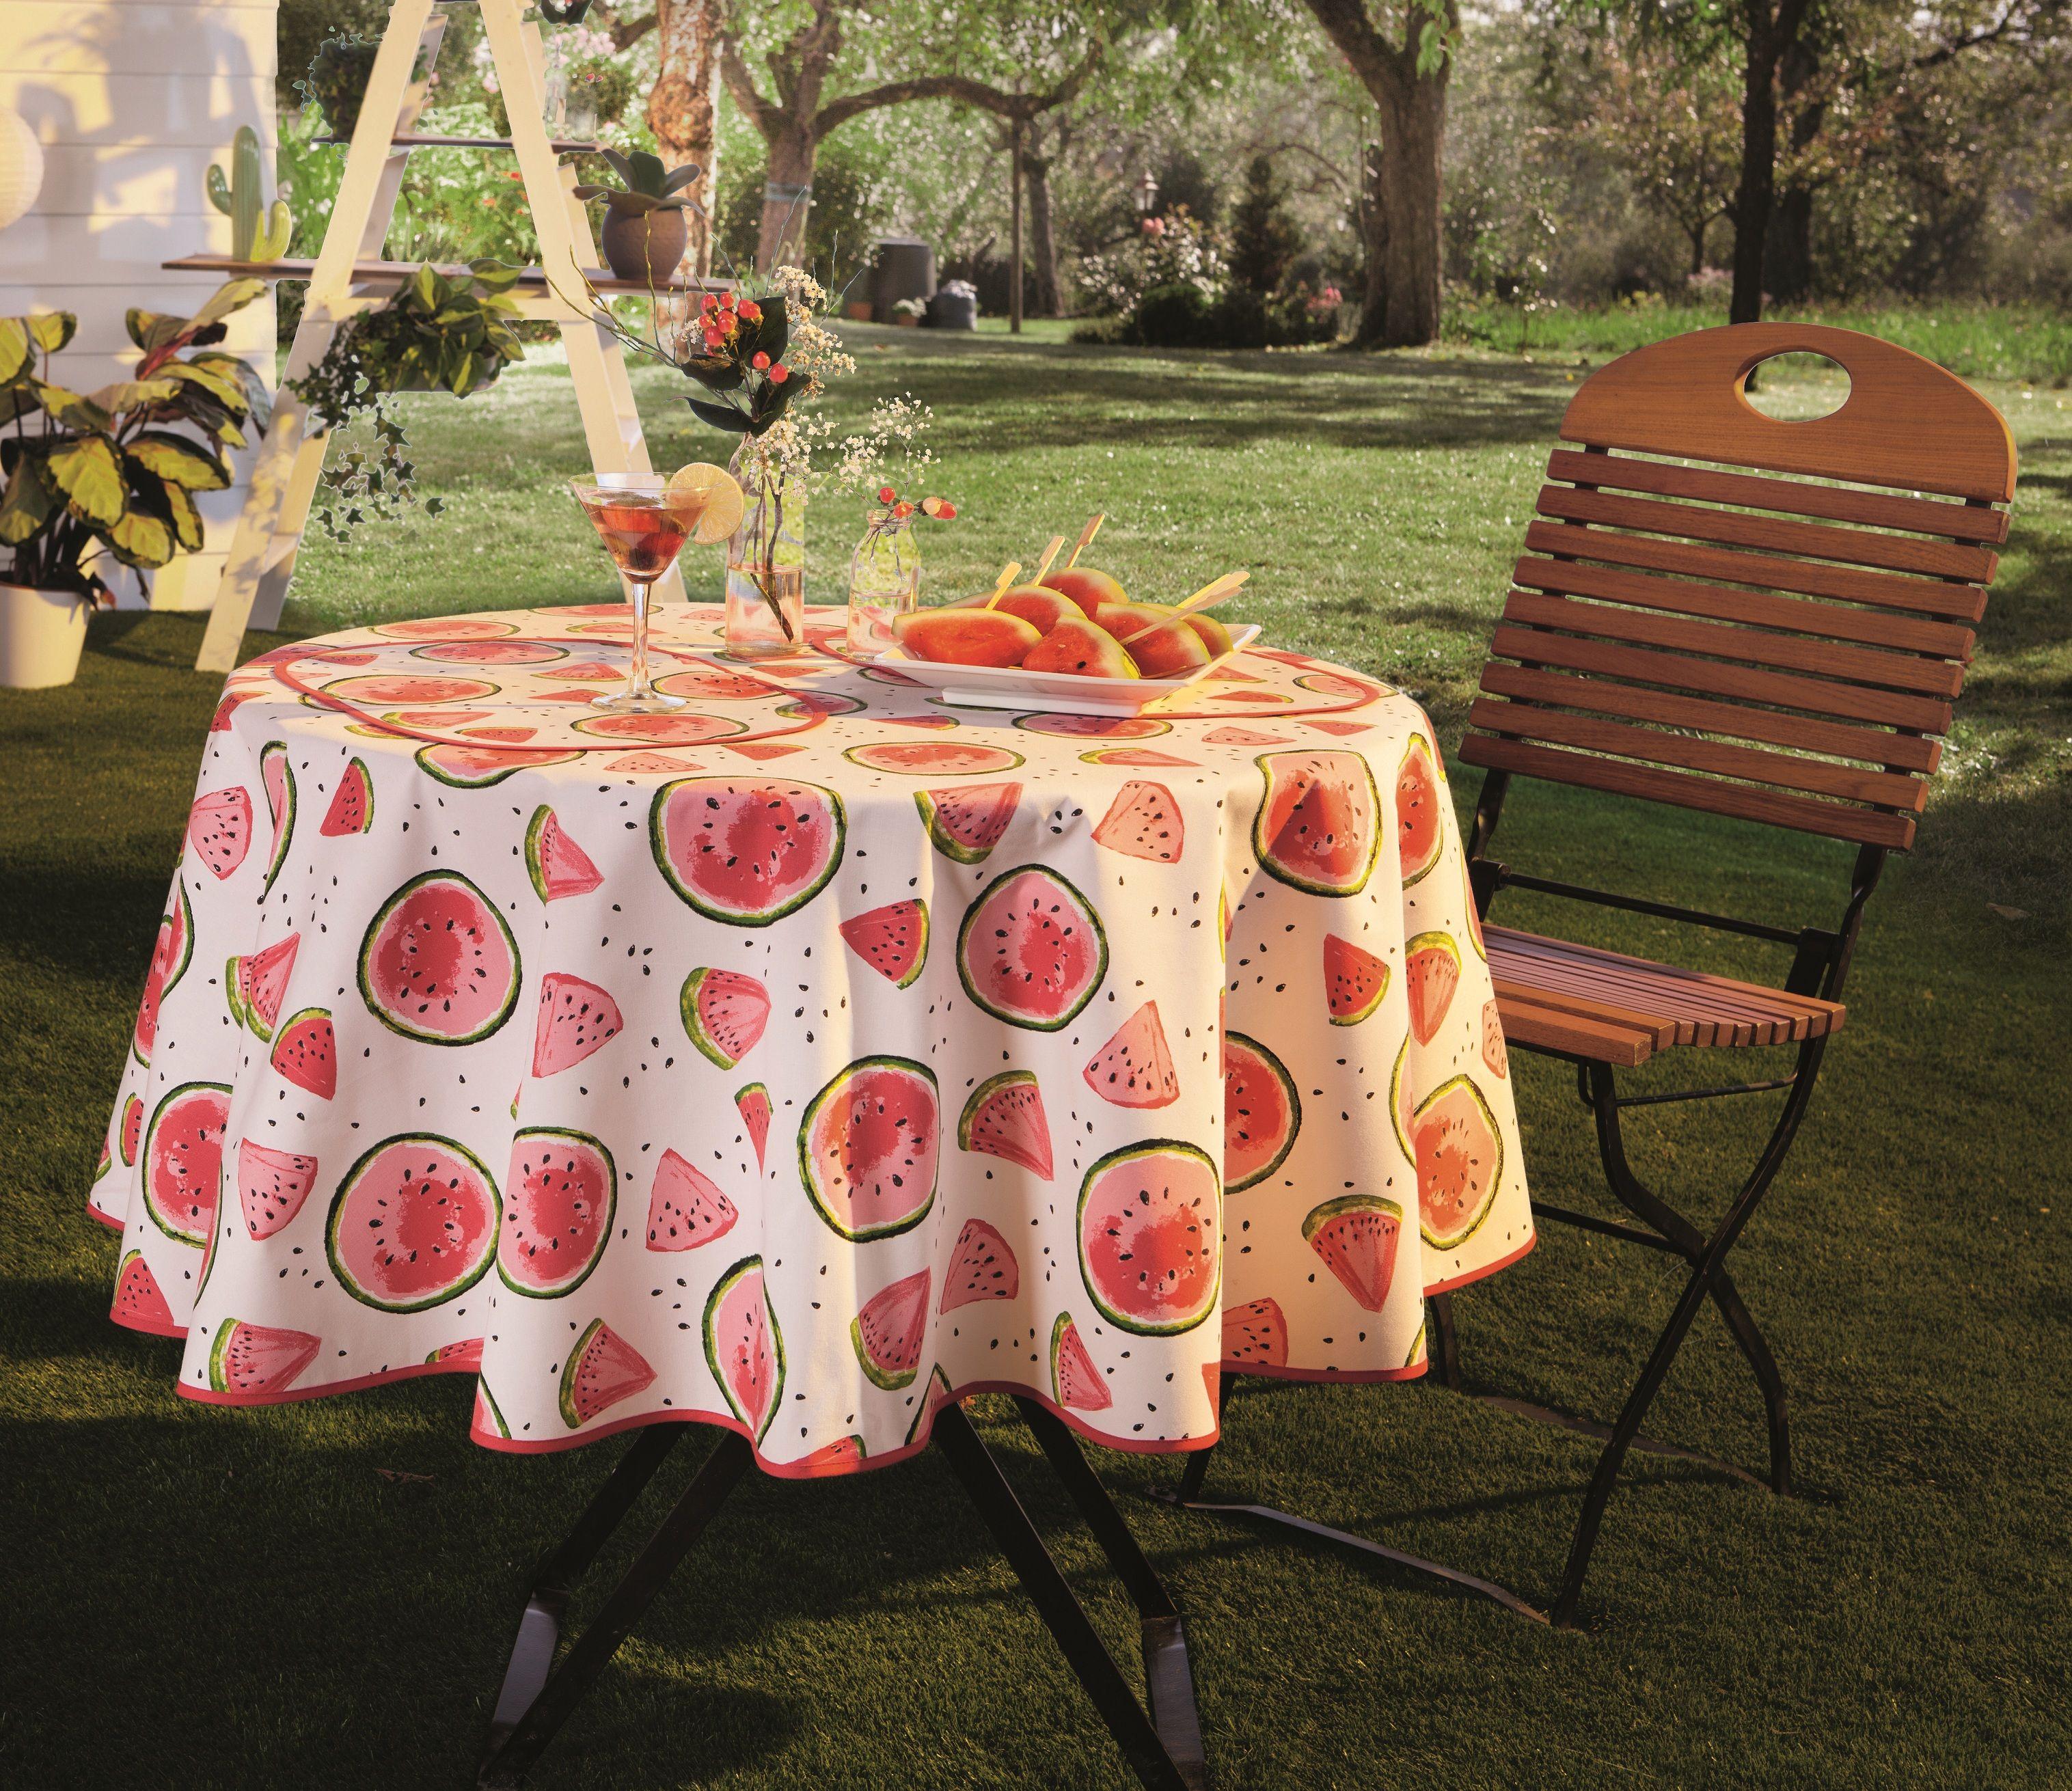 Sommerlich Frisch Und Fruchtig Laden Die Sussen Wassermelonen Zum Schlemmen Und Naschen Ein Was Meint Ihr Die Tischdecke Ist Fur Drinne Tischdecke Decke Tisch